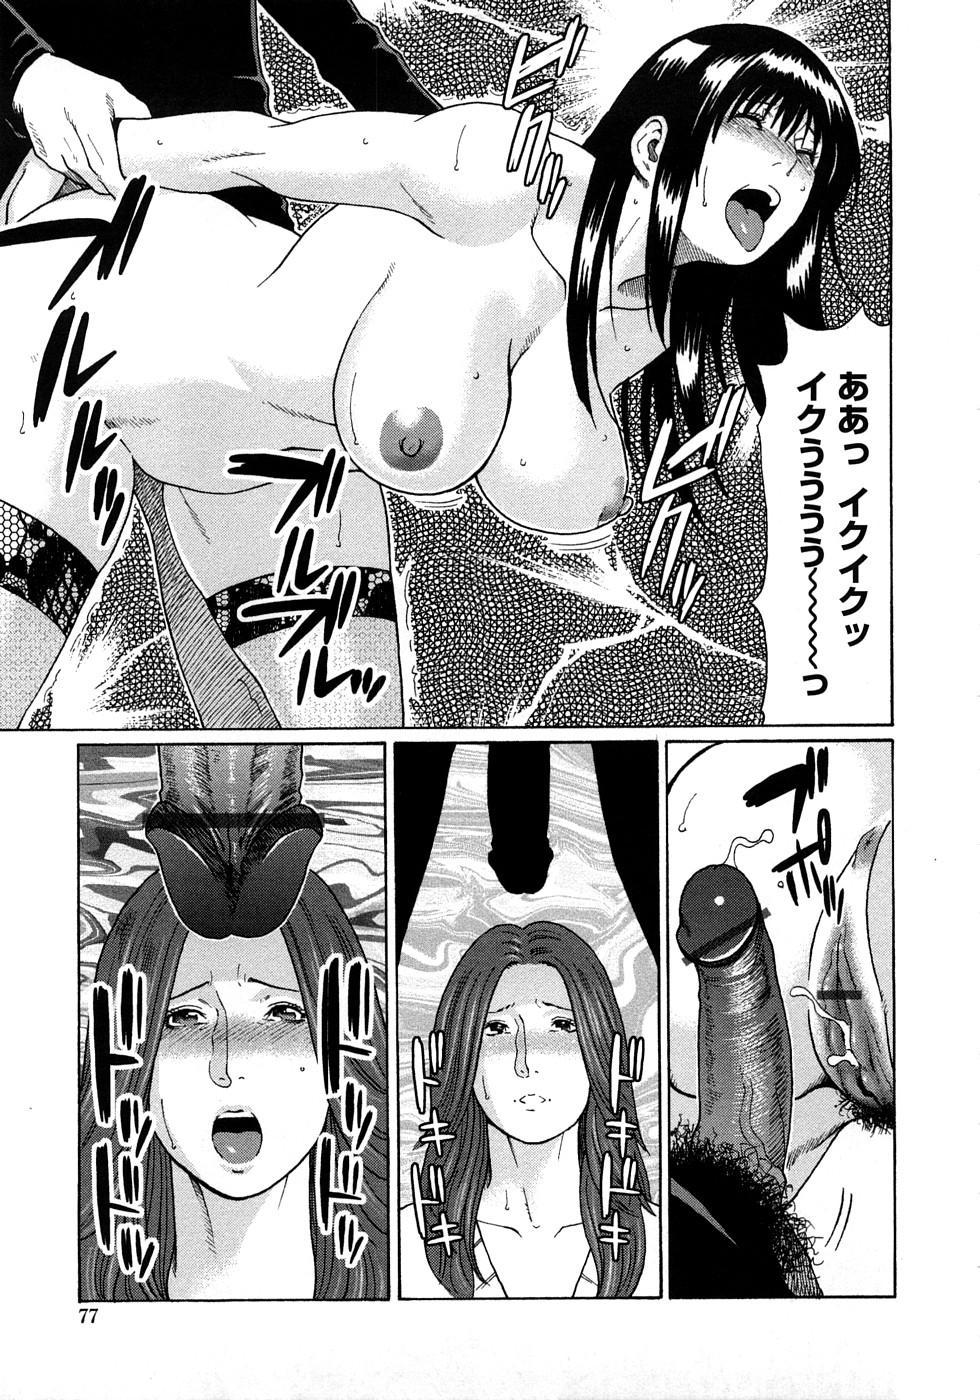 Etsuraku no Tobira - The Door of Sexual Pleasure 75